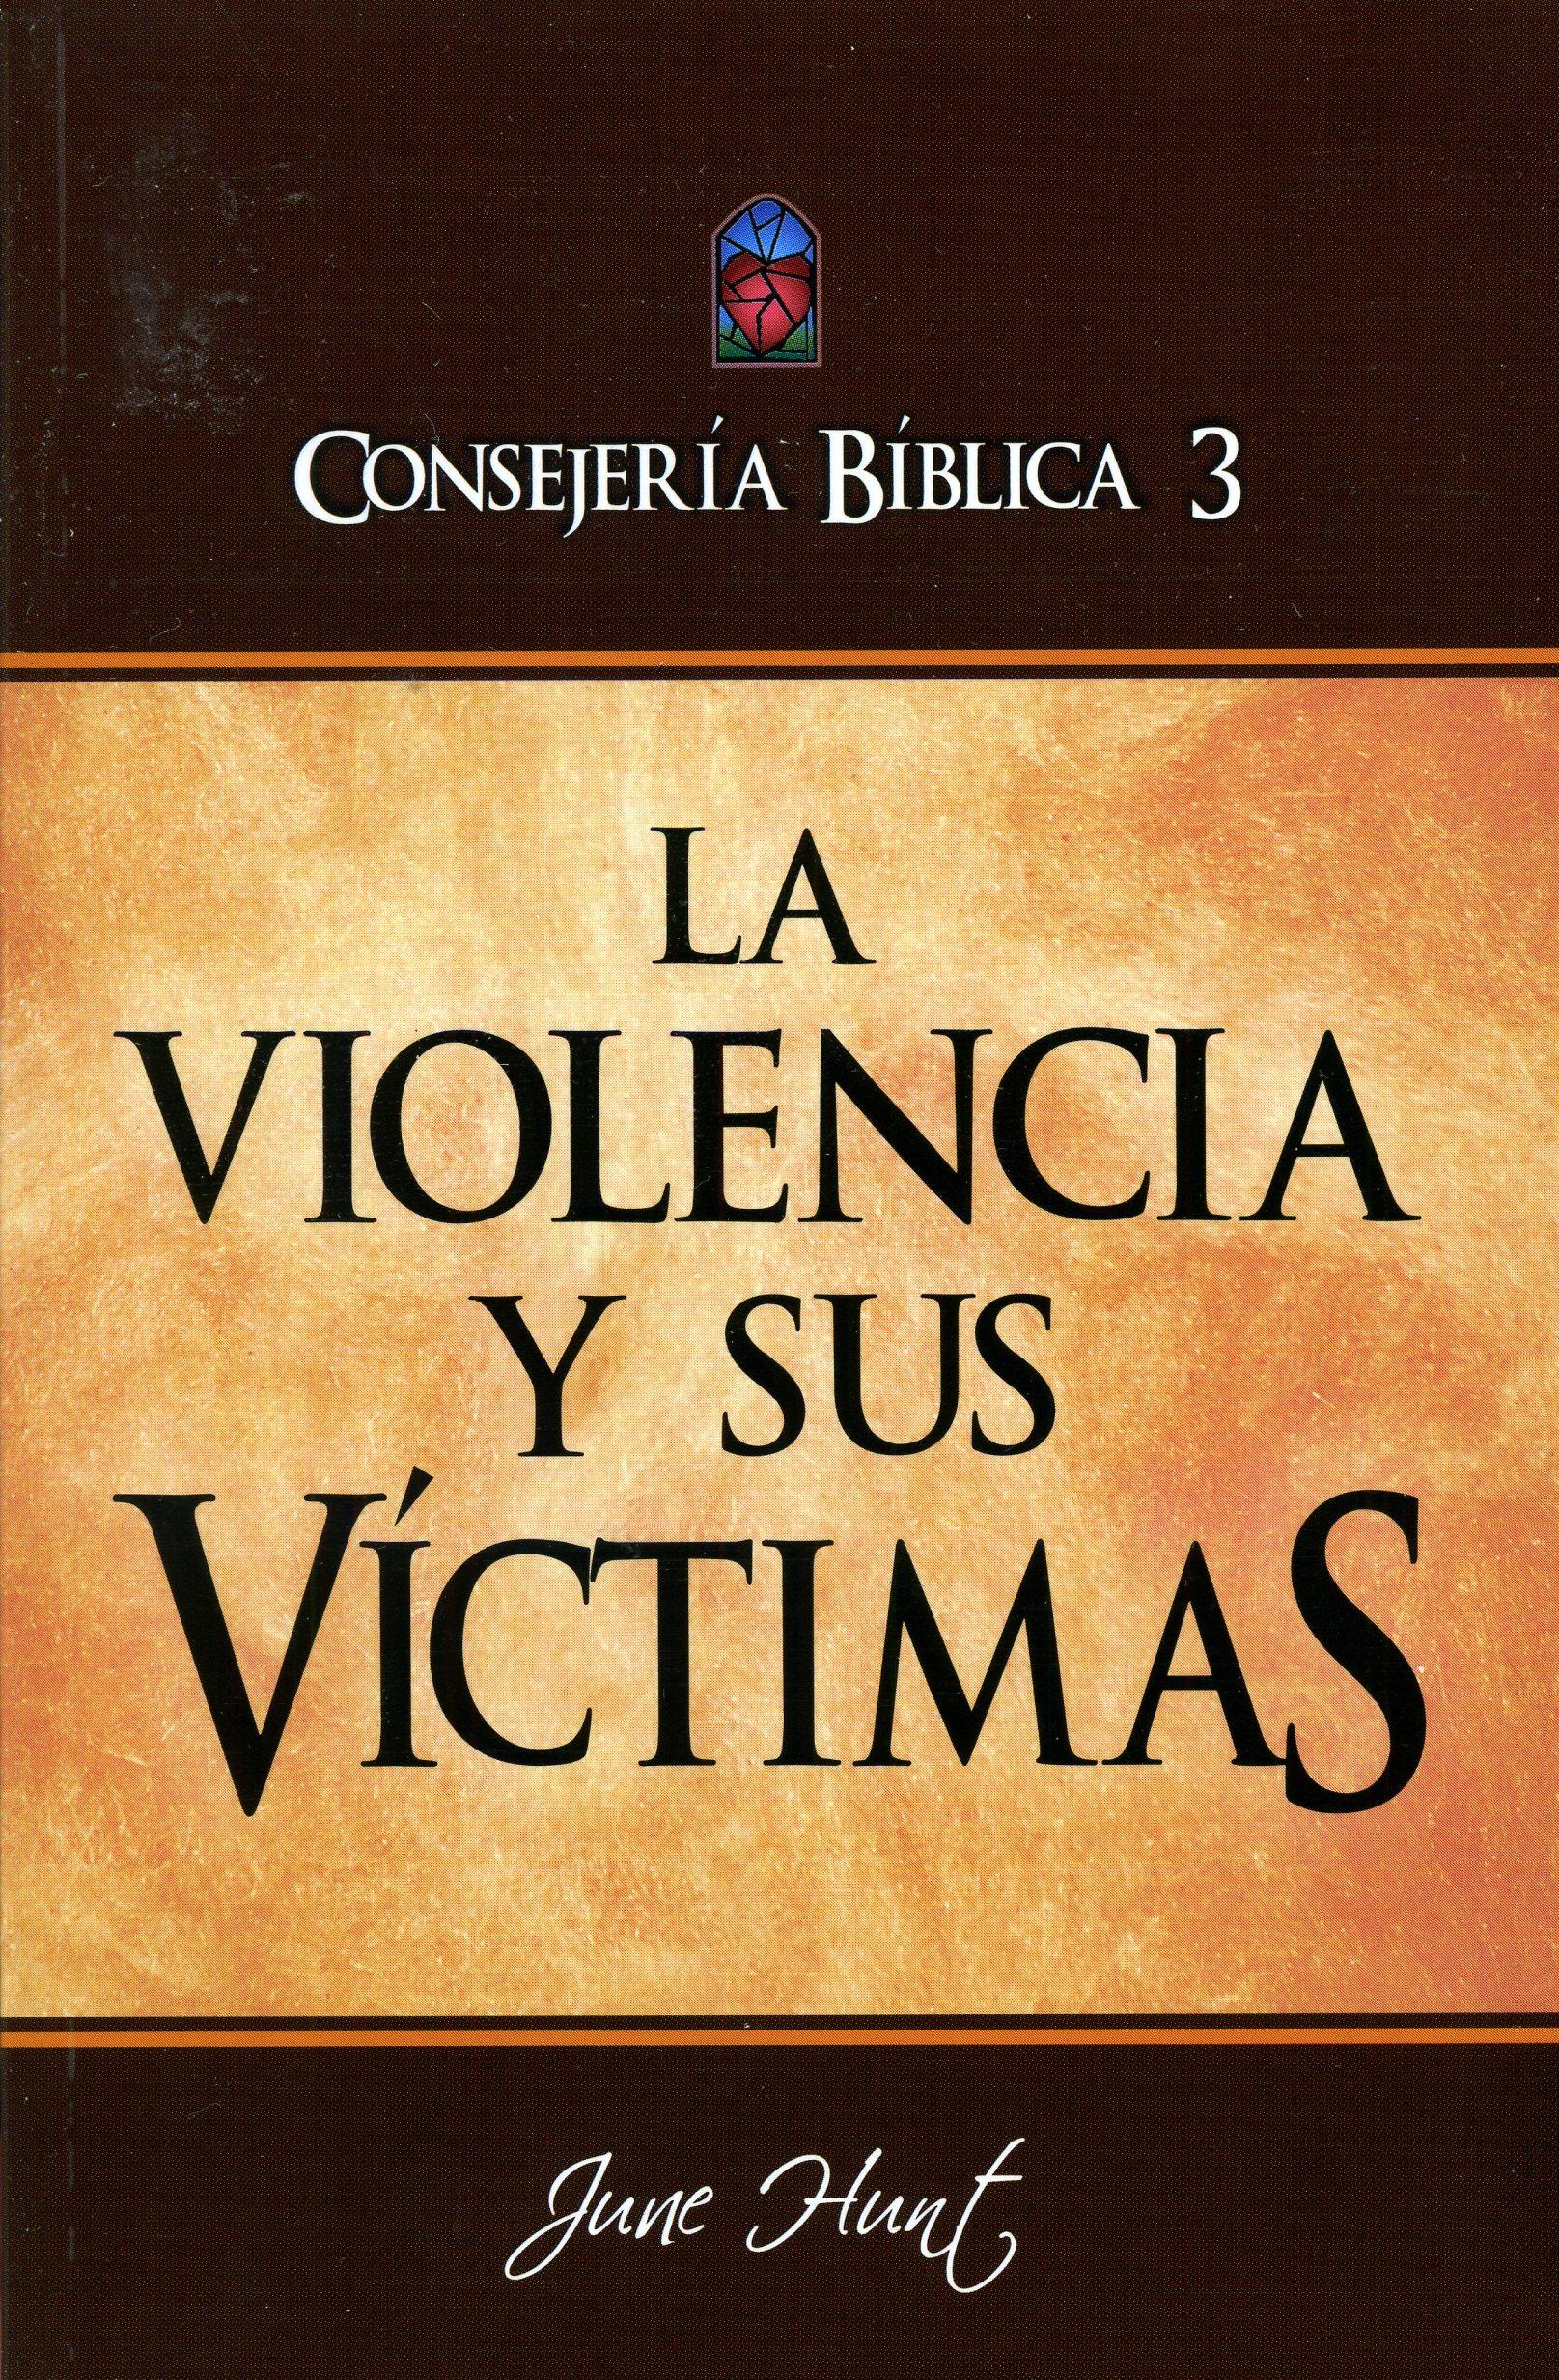 Consejería Bíblica 3 - Violencia y sus Victimas